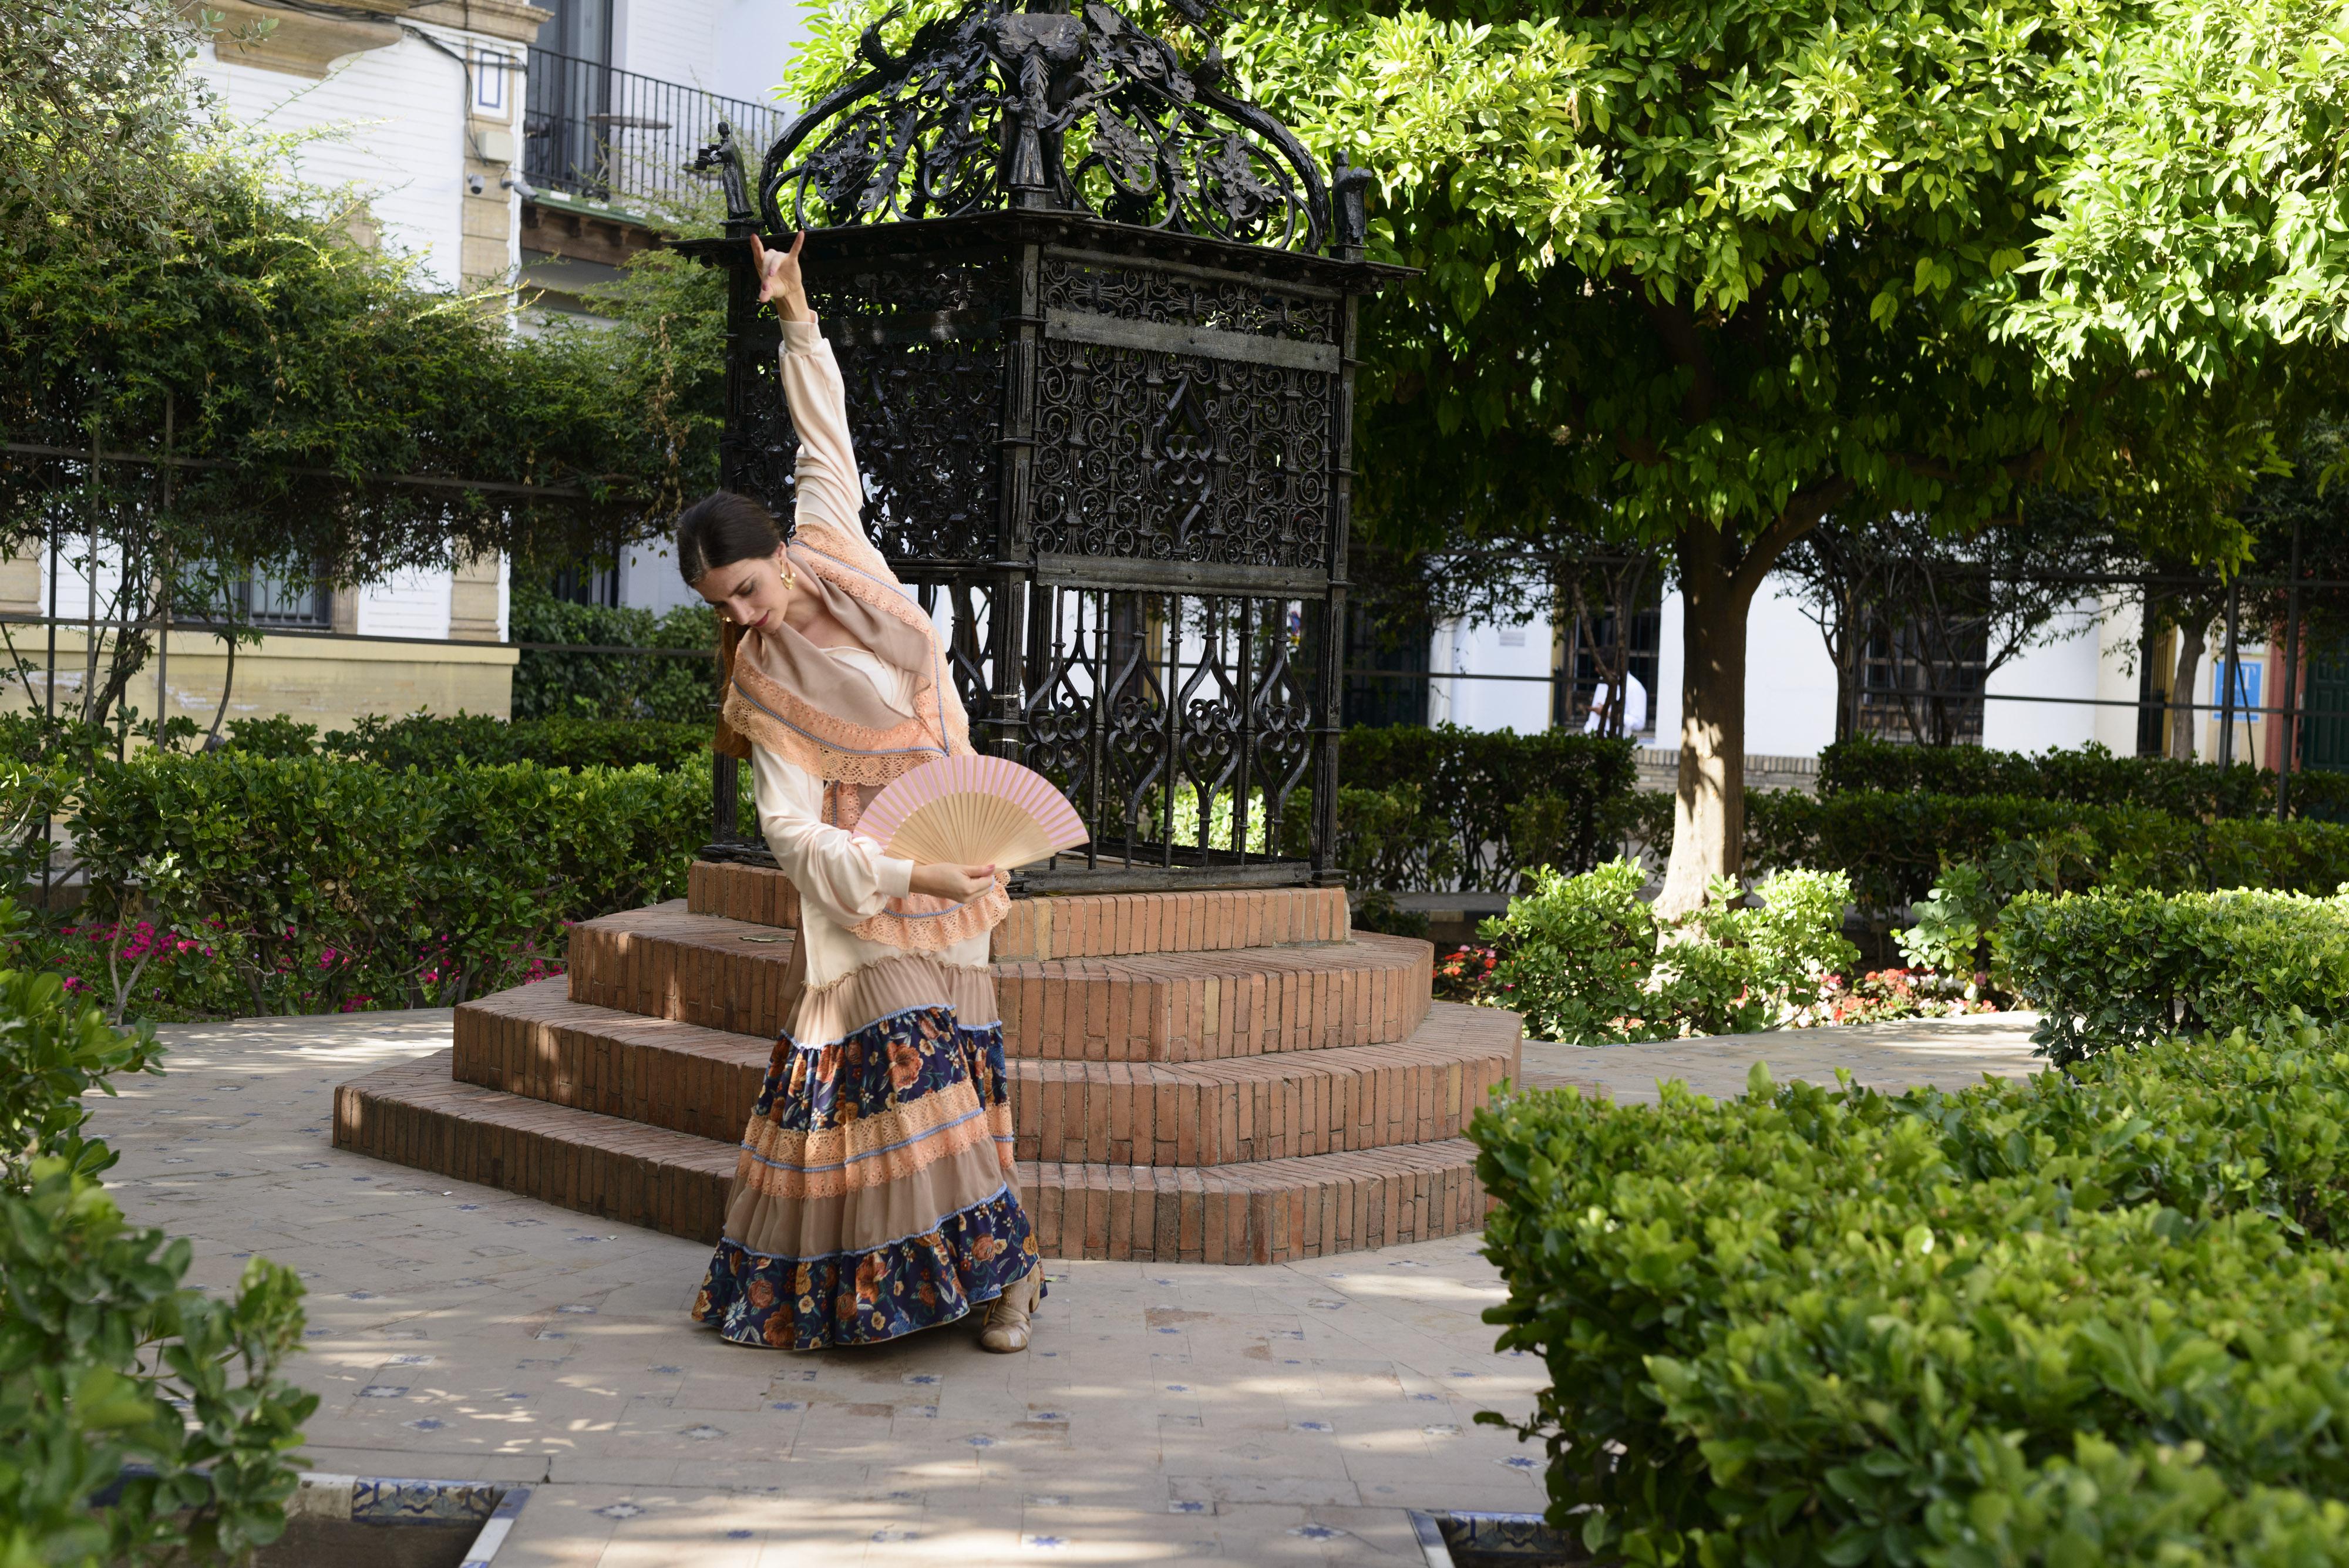 Venez découvrir la danse Flamenca ( le Flamenco) à Strasbourg